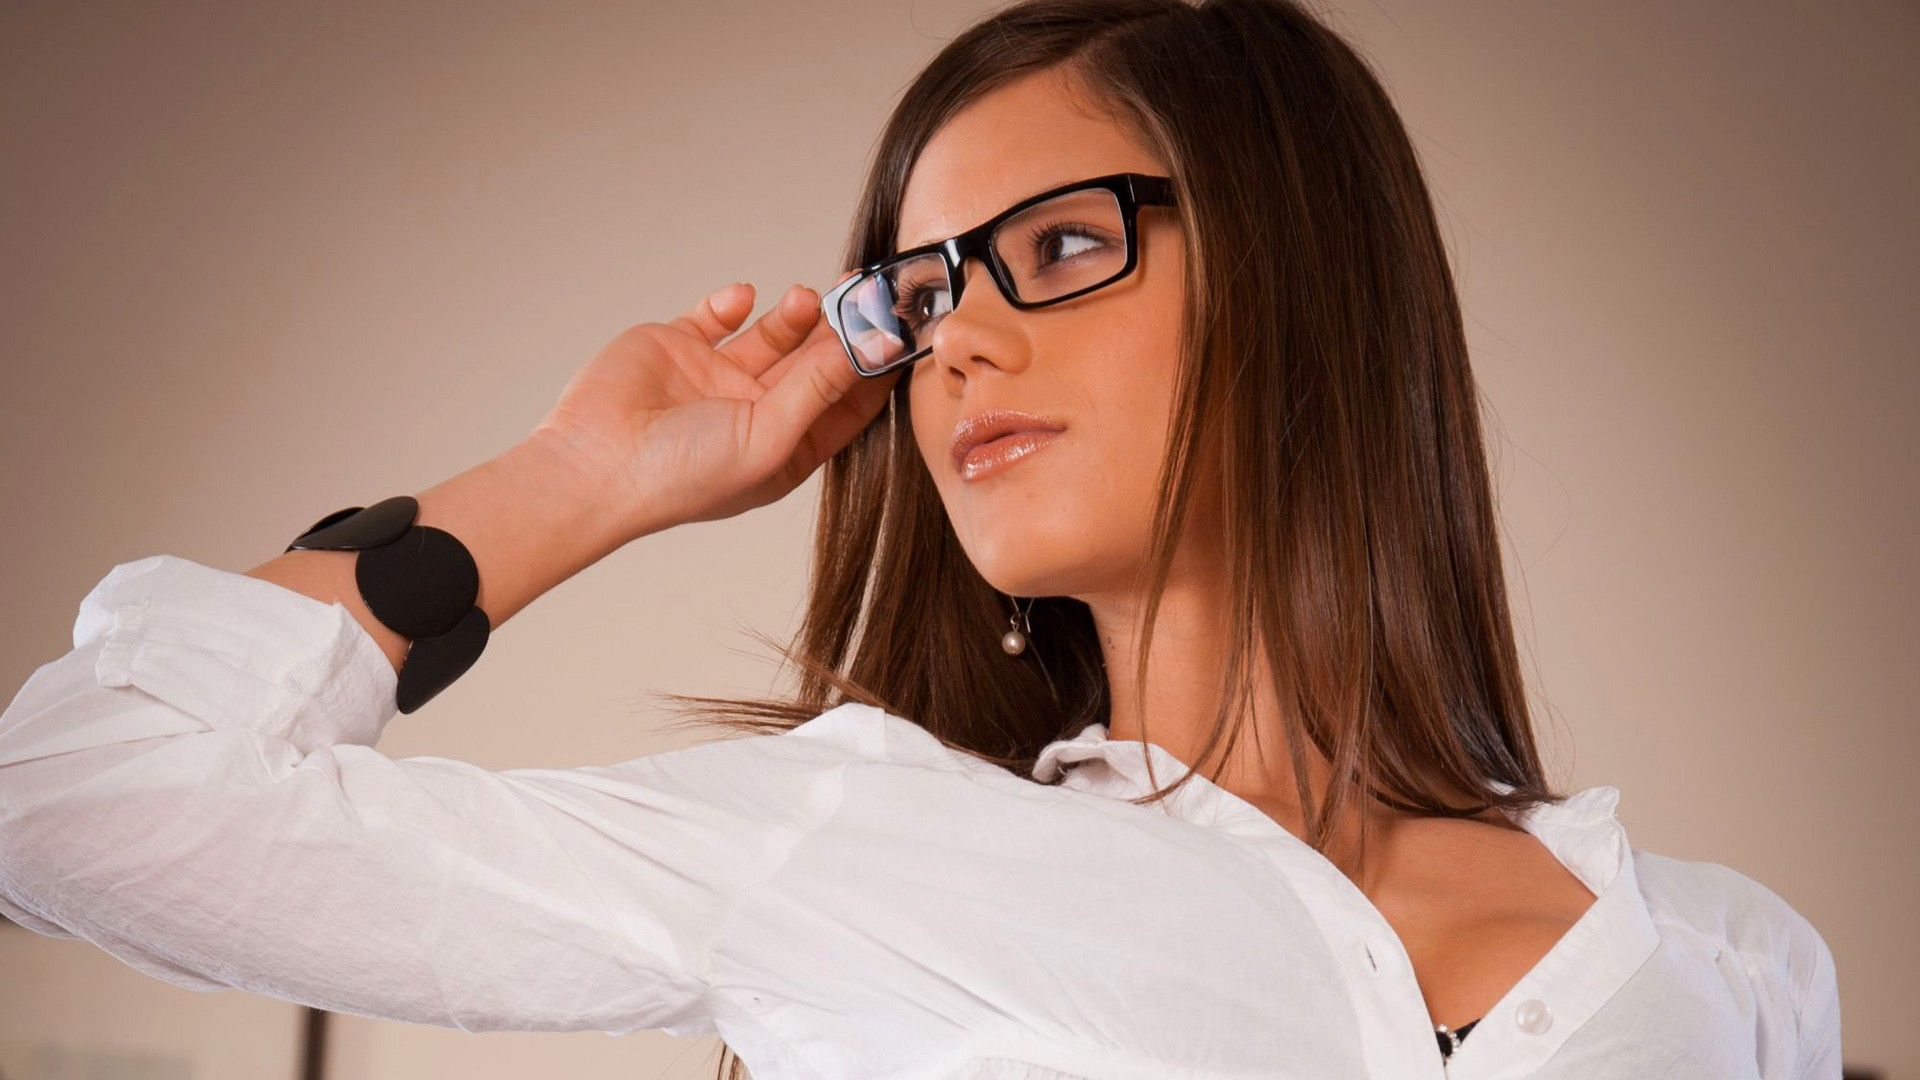 В скромная девушка очках hd